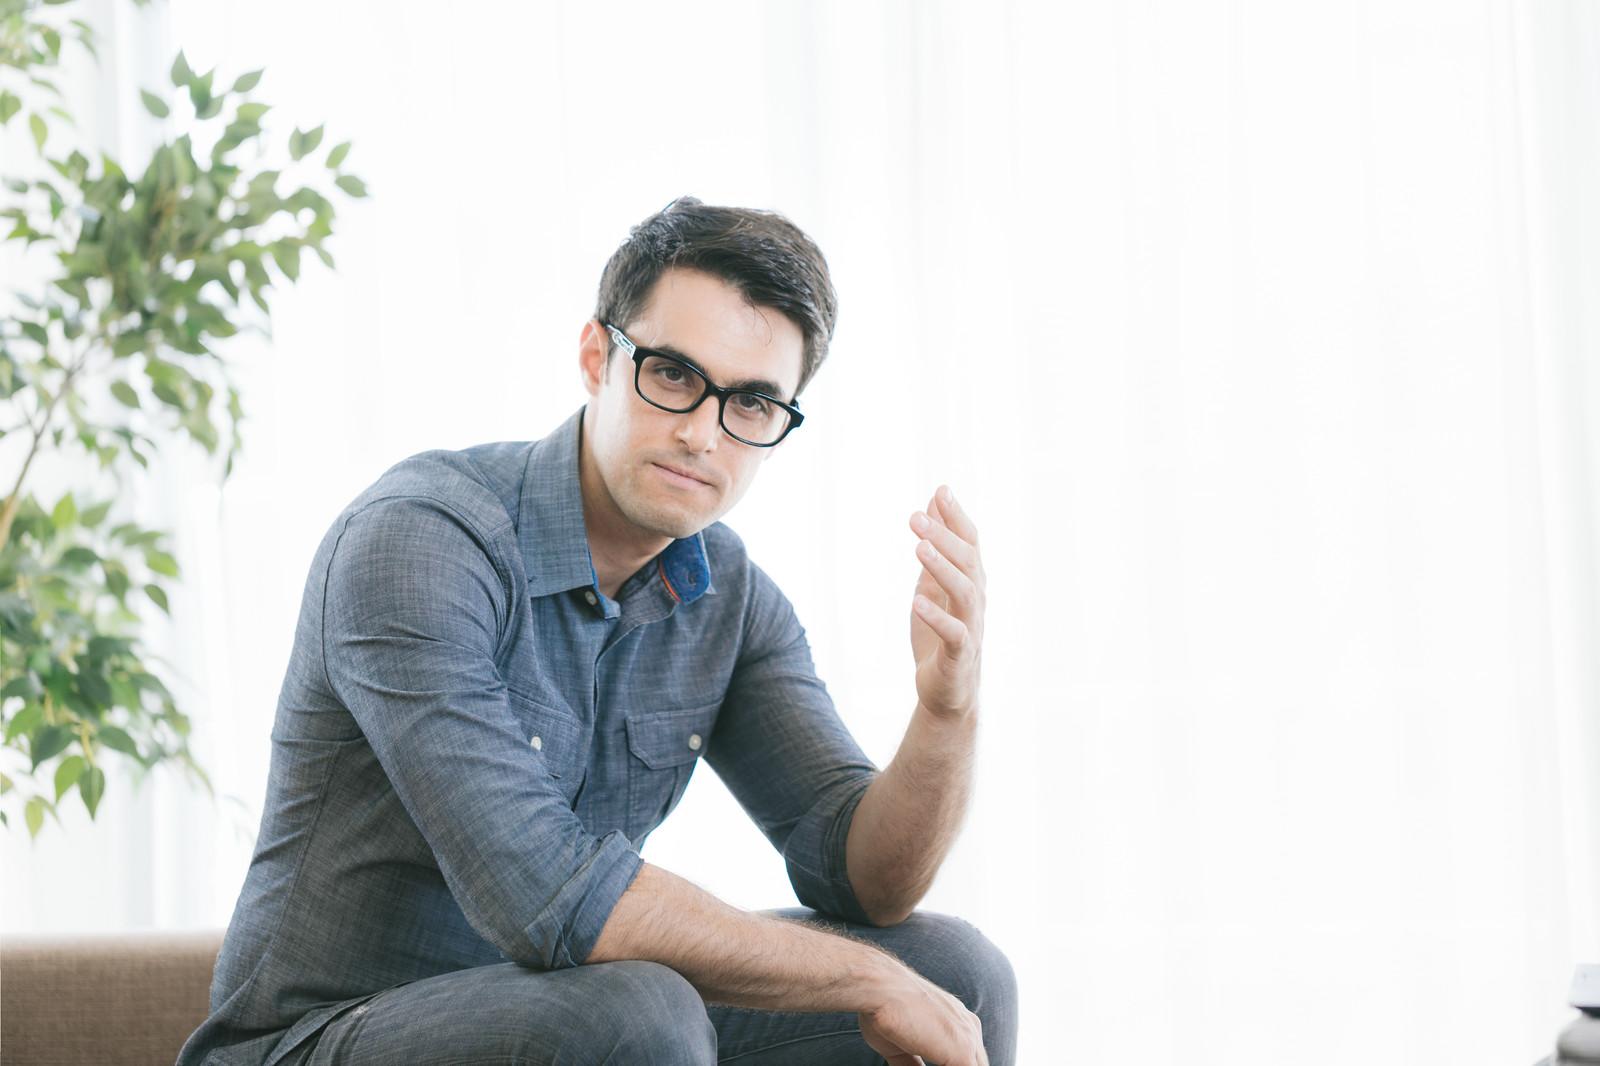 メガネ男子はモテる♡メガネ男子の魅力とは